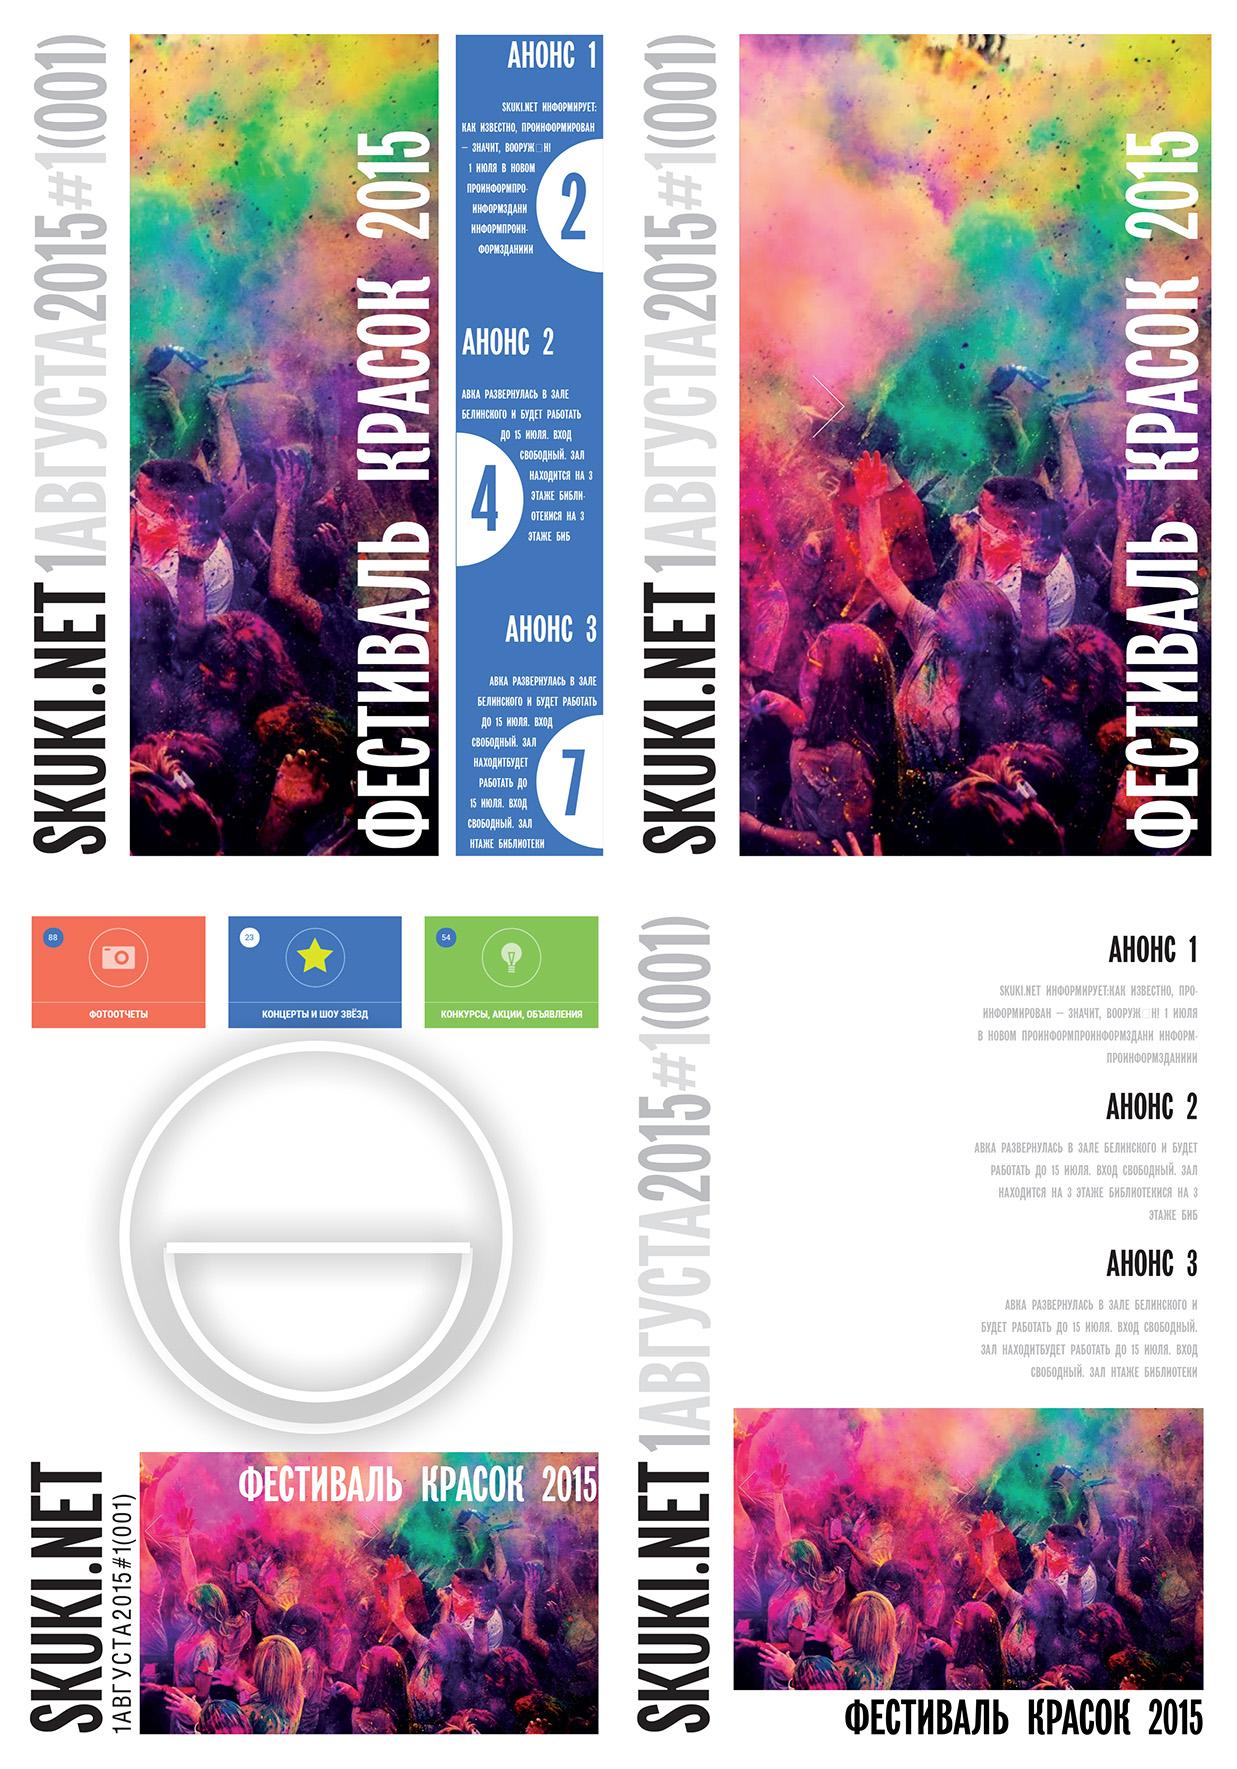 Варианты обложки для развлекательного издания